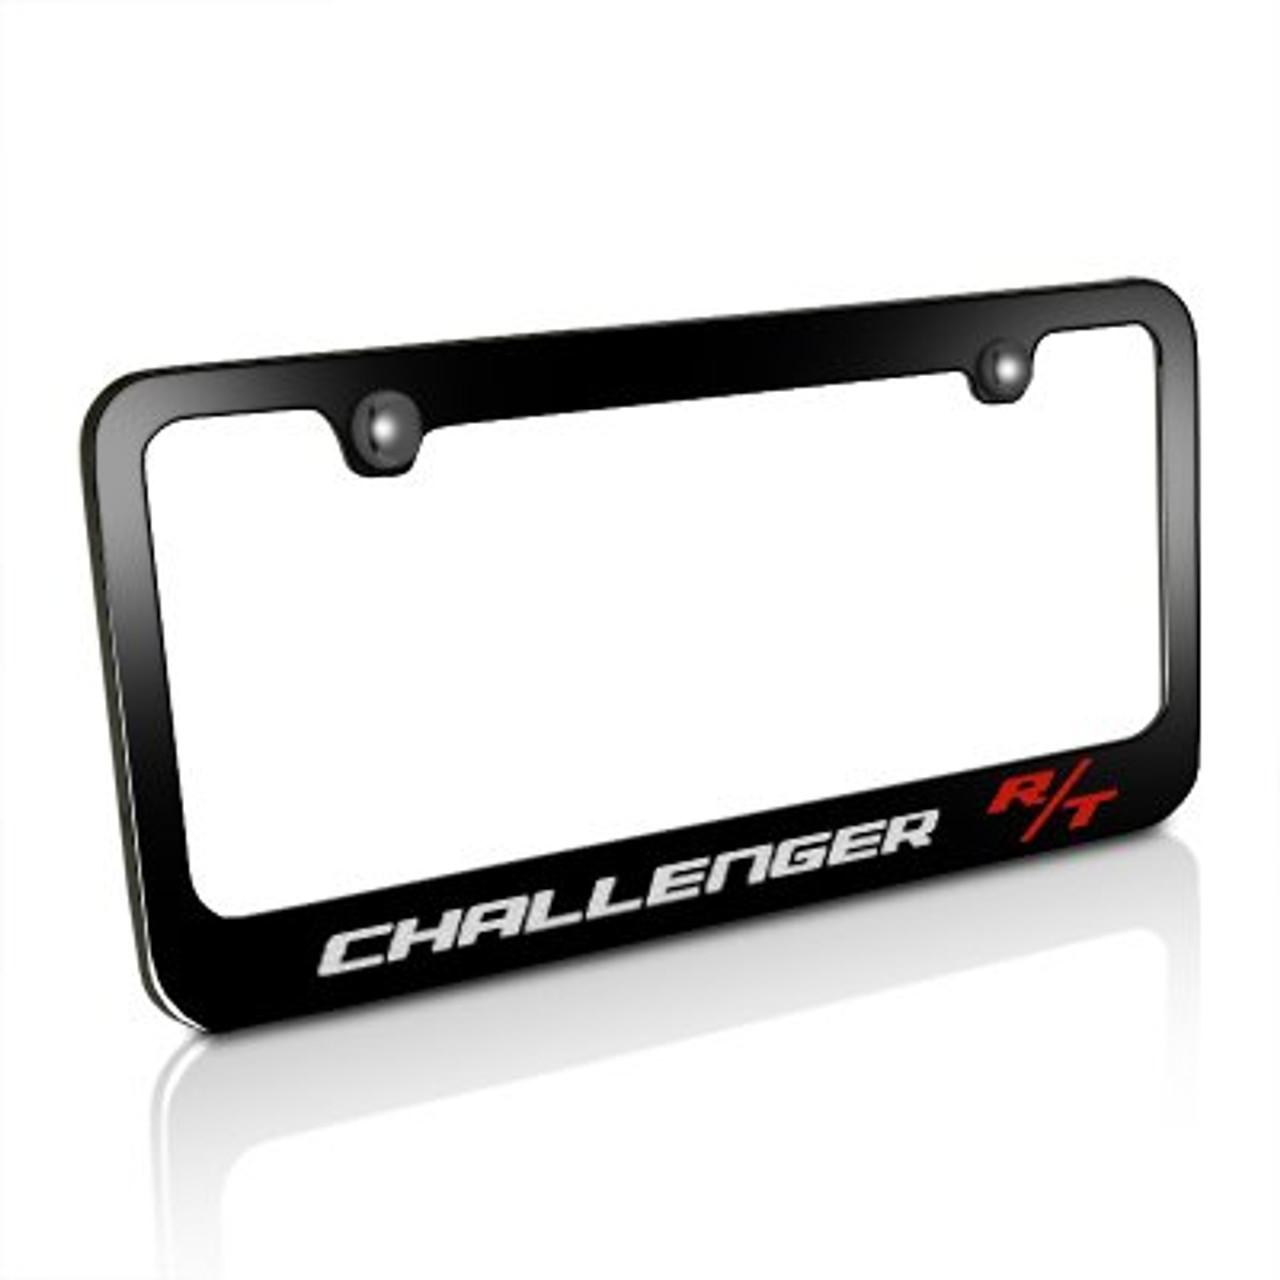 Dodge Challenger R//T Black Metal License Plate Frame iPick Image